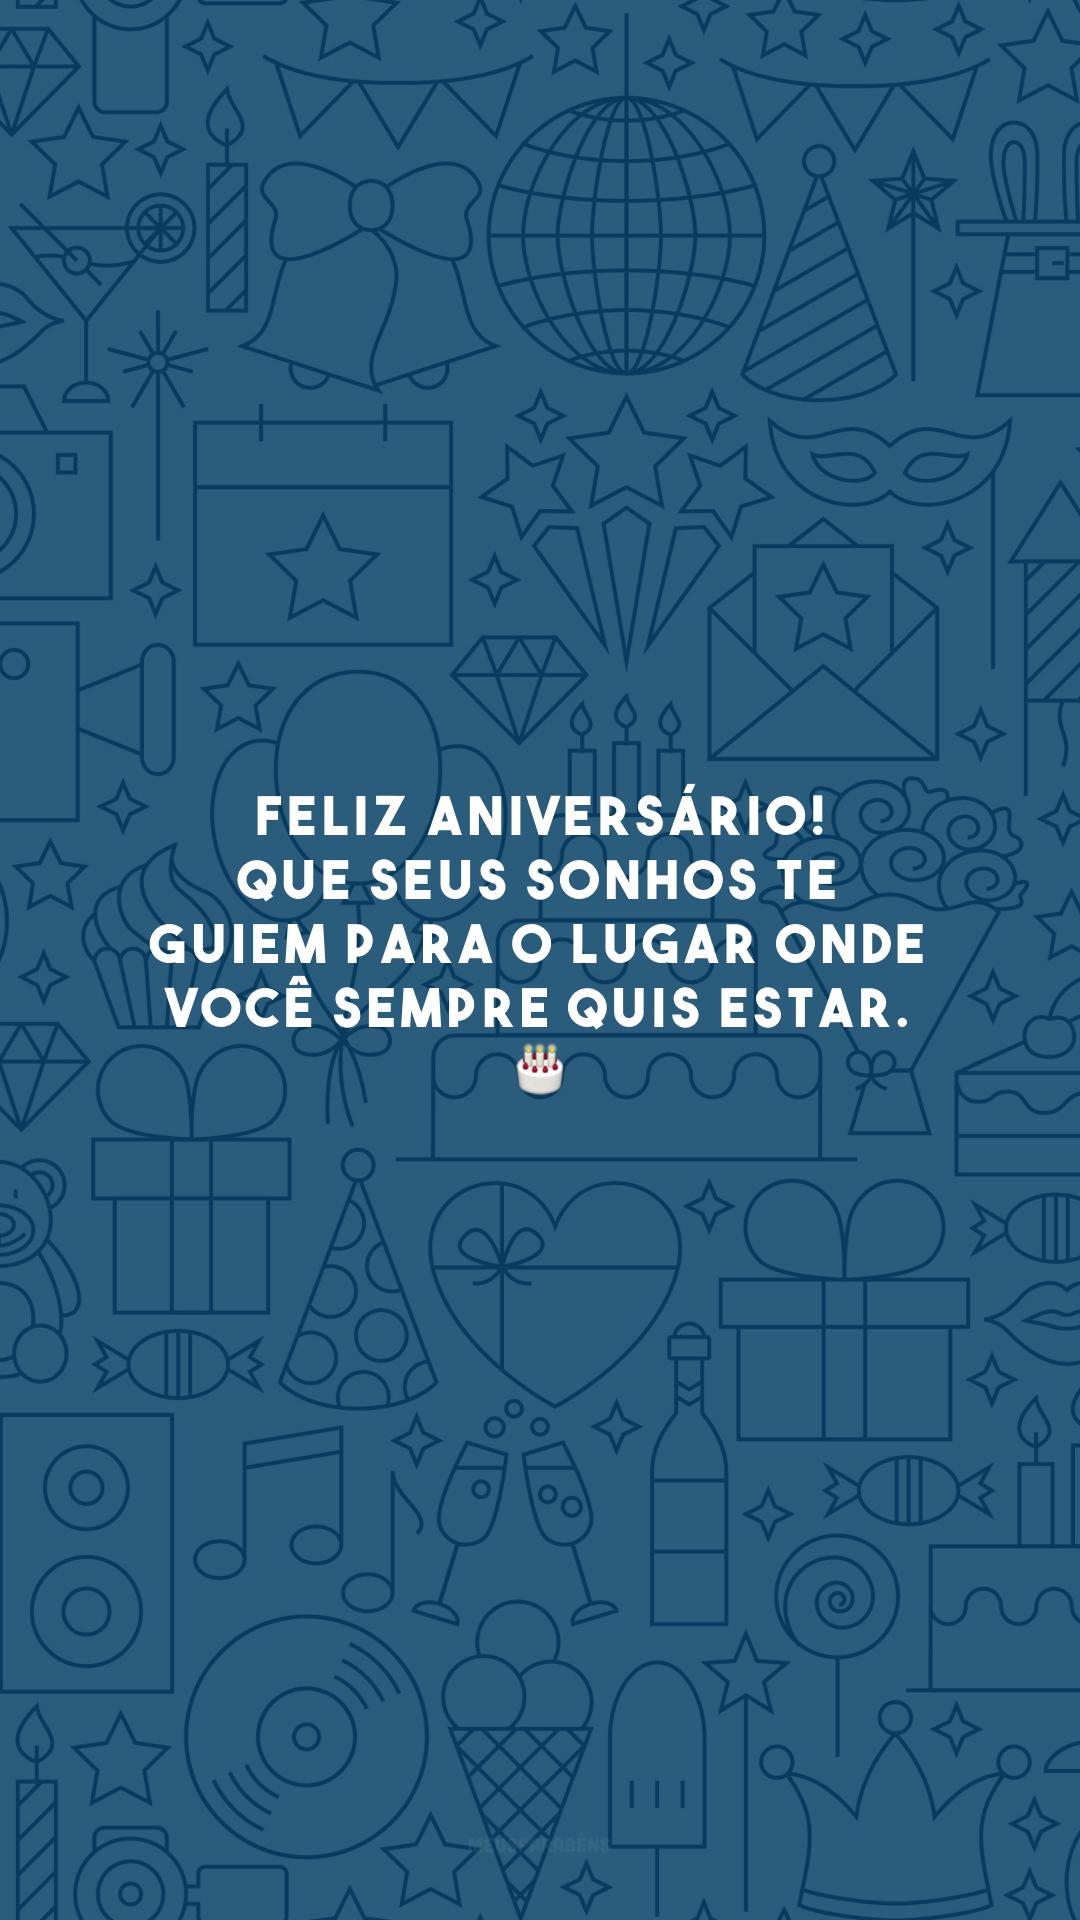 Feliz aniversário! Que seus sonhos te guiem para o lugar onde você sempre quis estar. 🎂